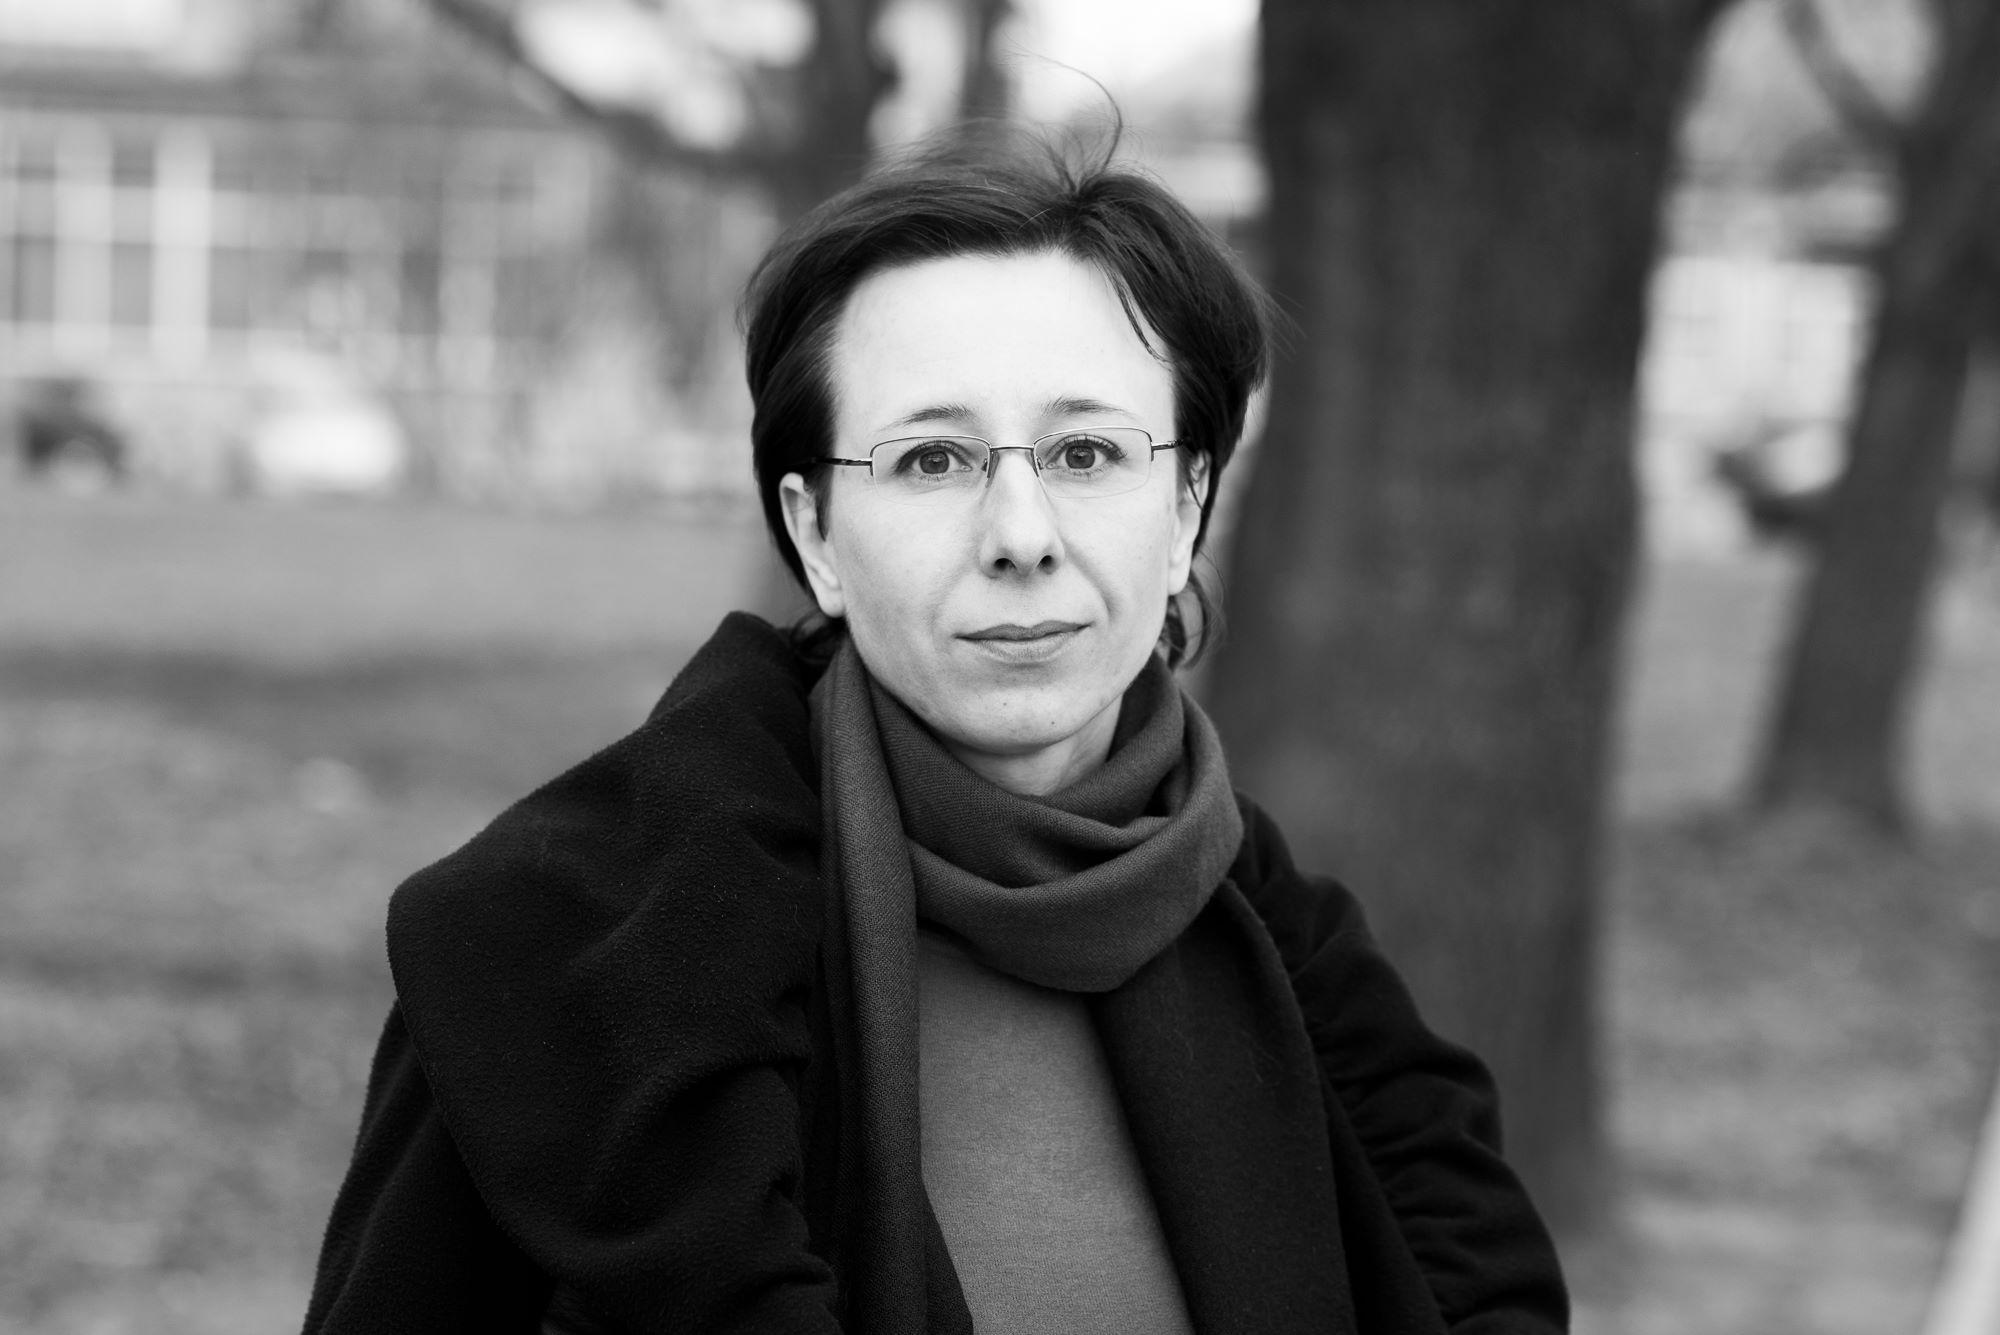 Людмила Миндова: Ако по-рядко забравяхме, че животът ни е съставен от думи, щяхме да живеем по-добре